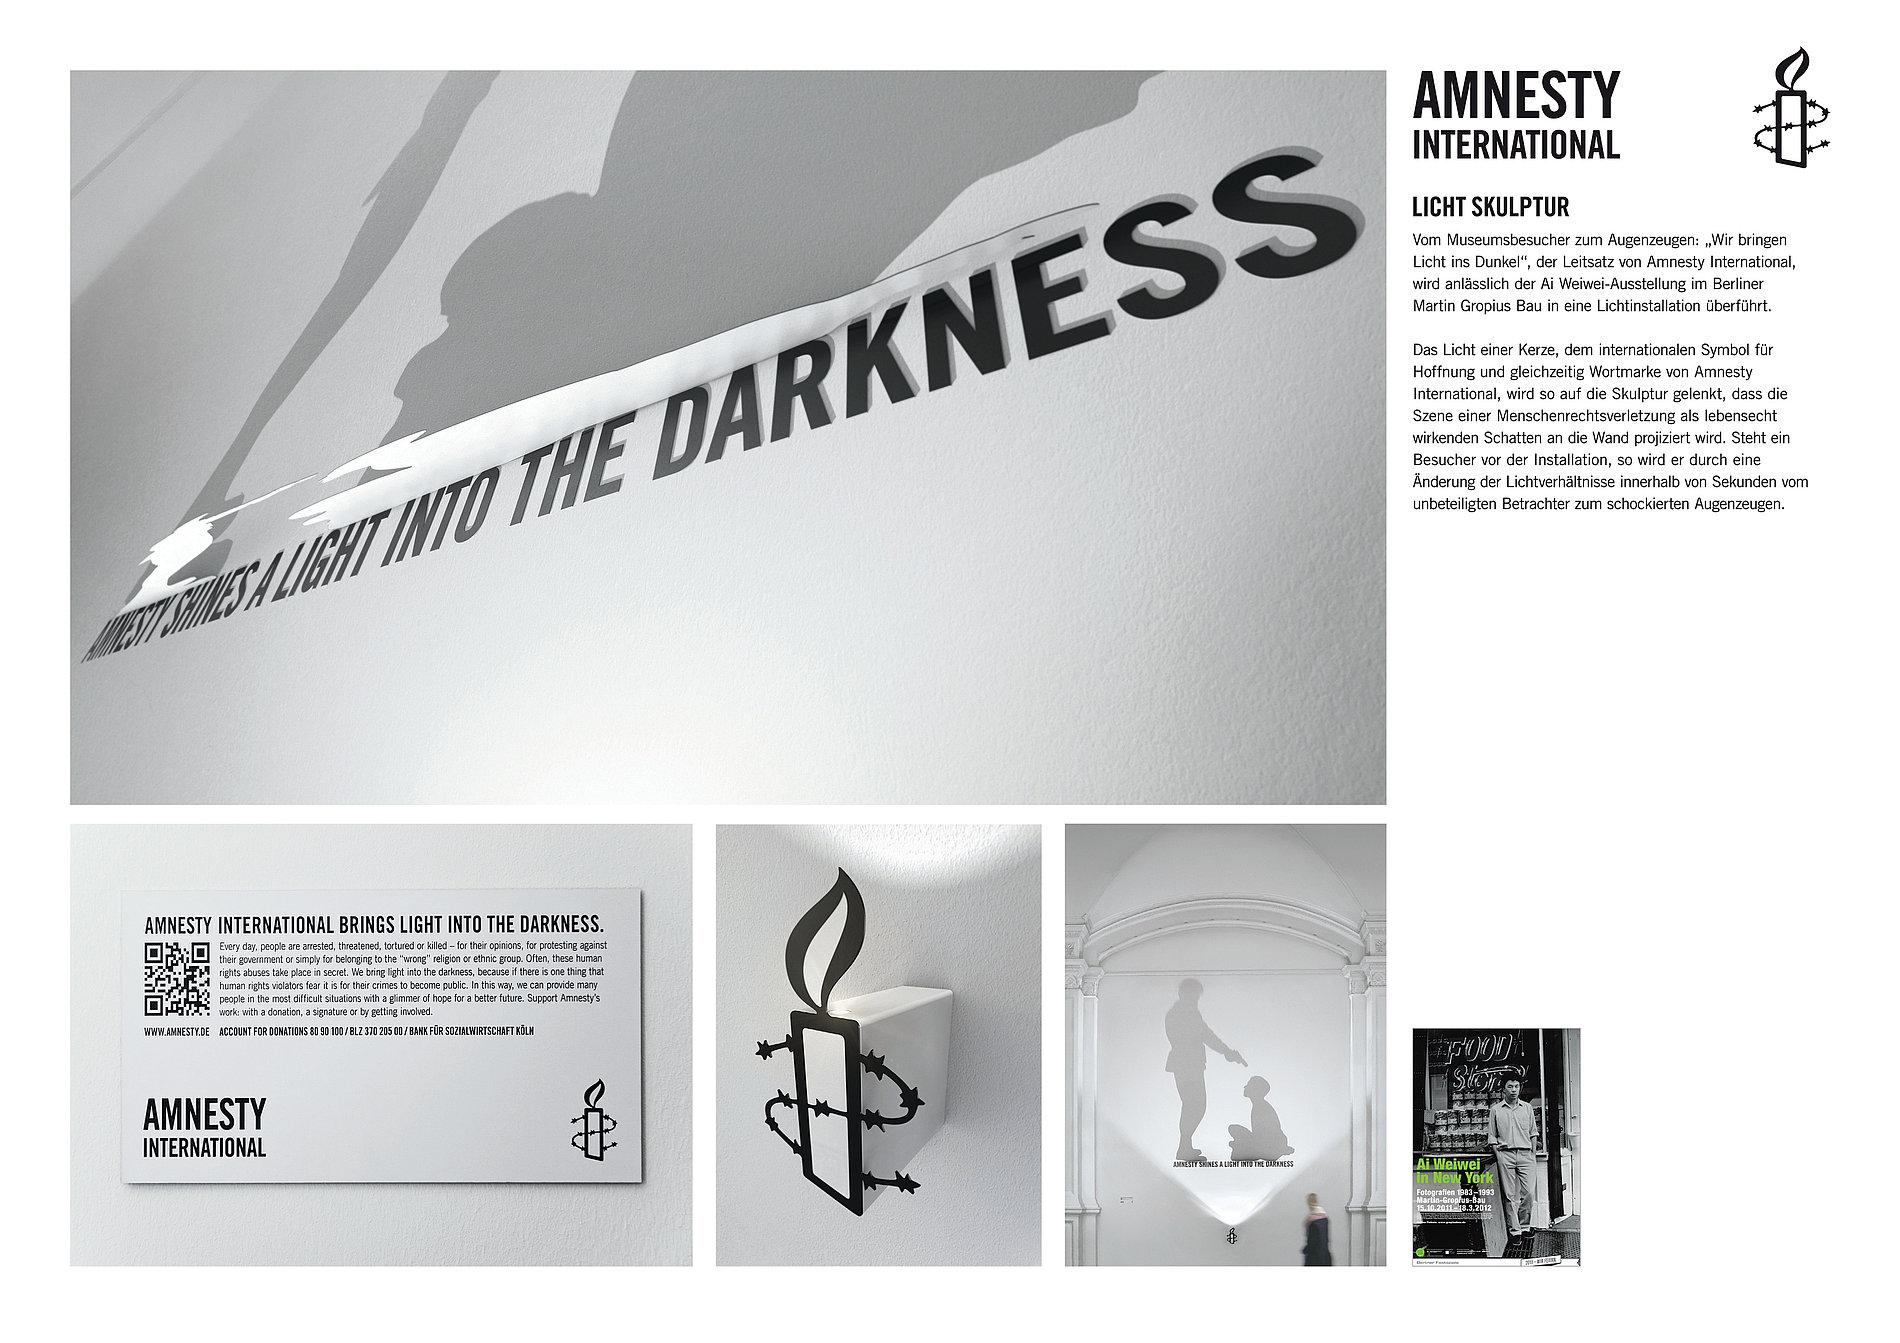 Amnesty International  Light Sculpture | Red Dot Design Award